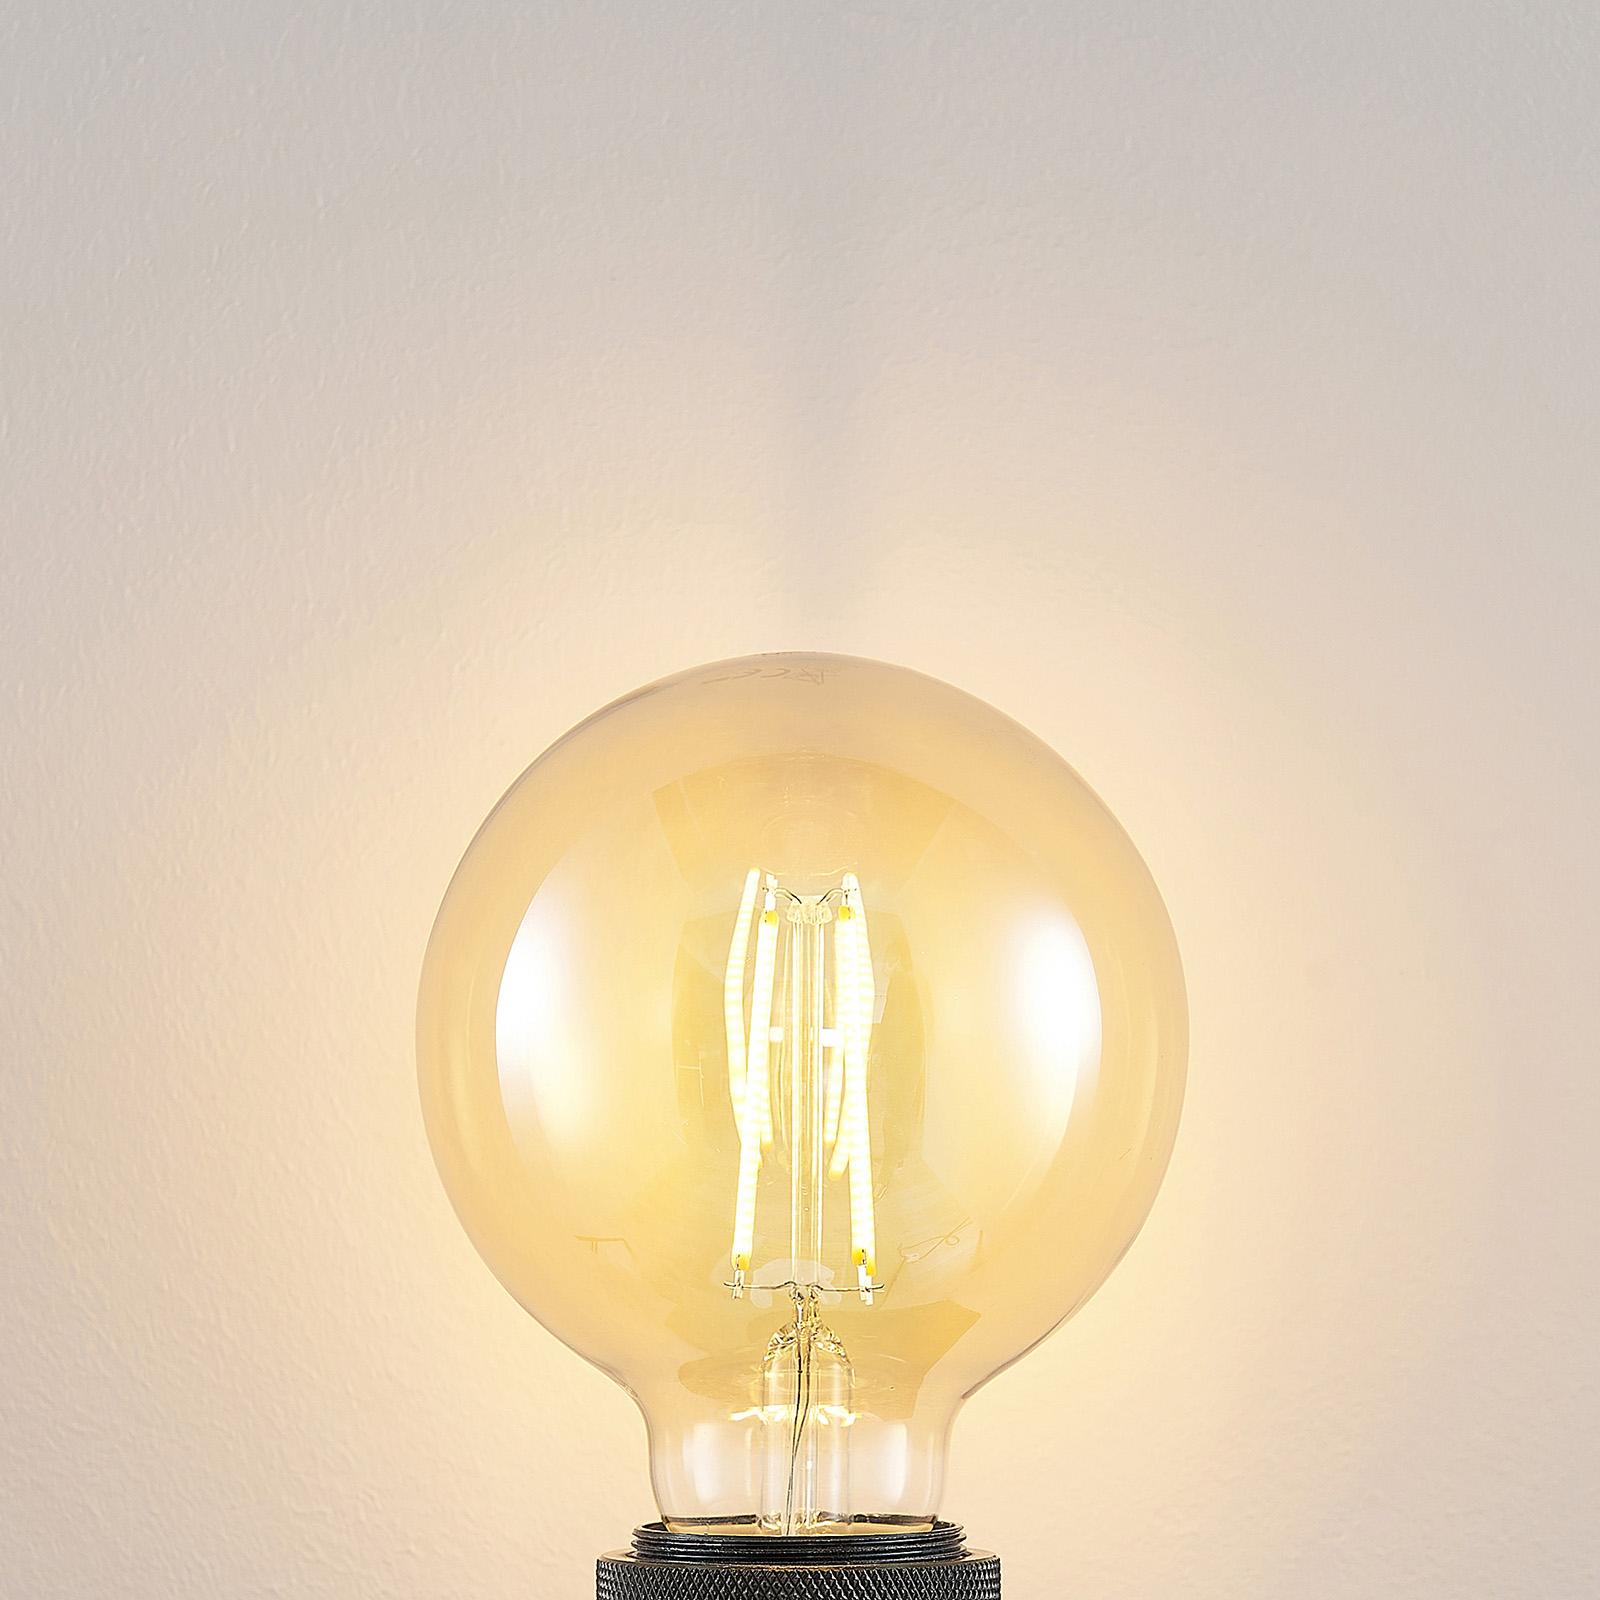 LED-pære E27 G95 6,5W 2 500K rav 3-step-dimmer